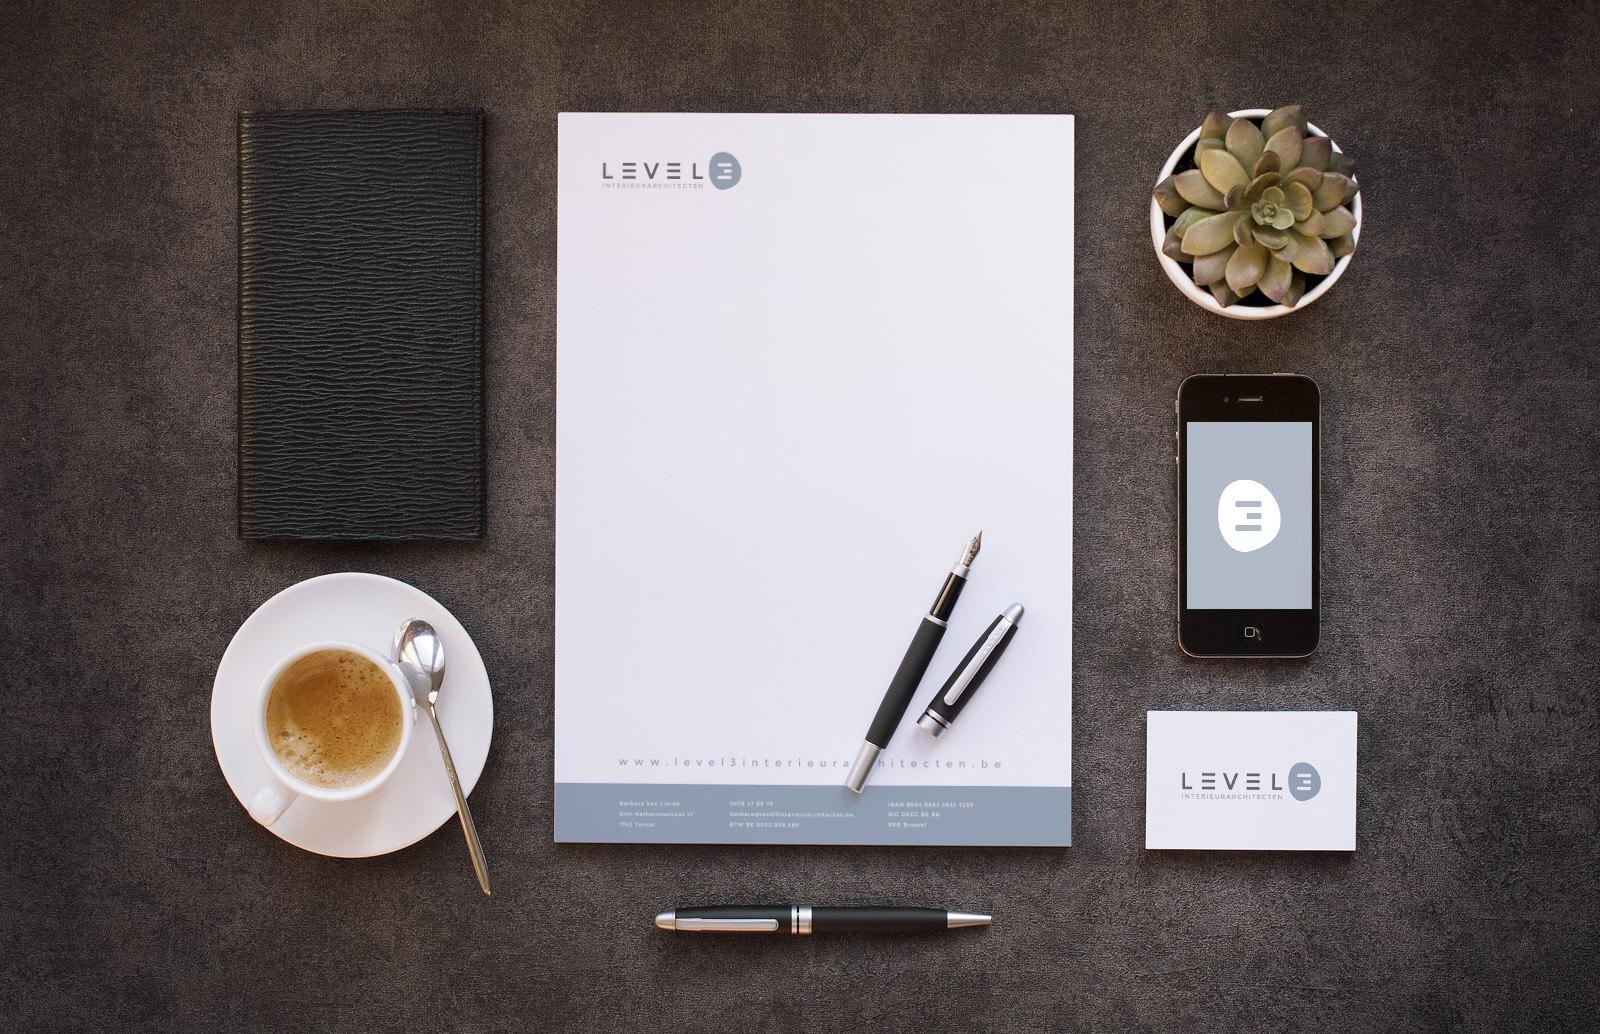 Branding Level3 - Webdesign Weblounge Bruges